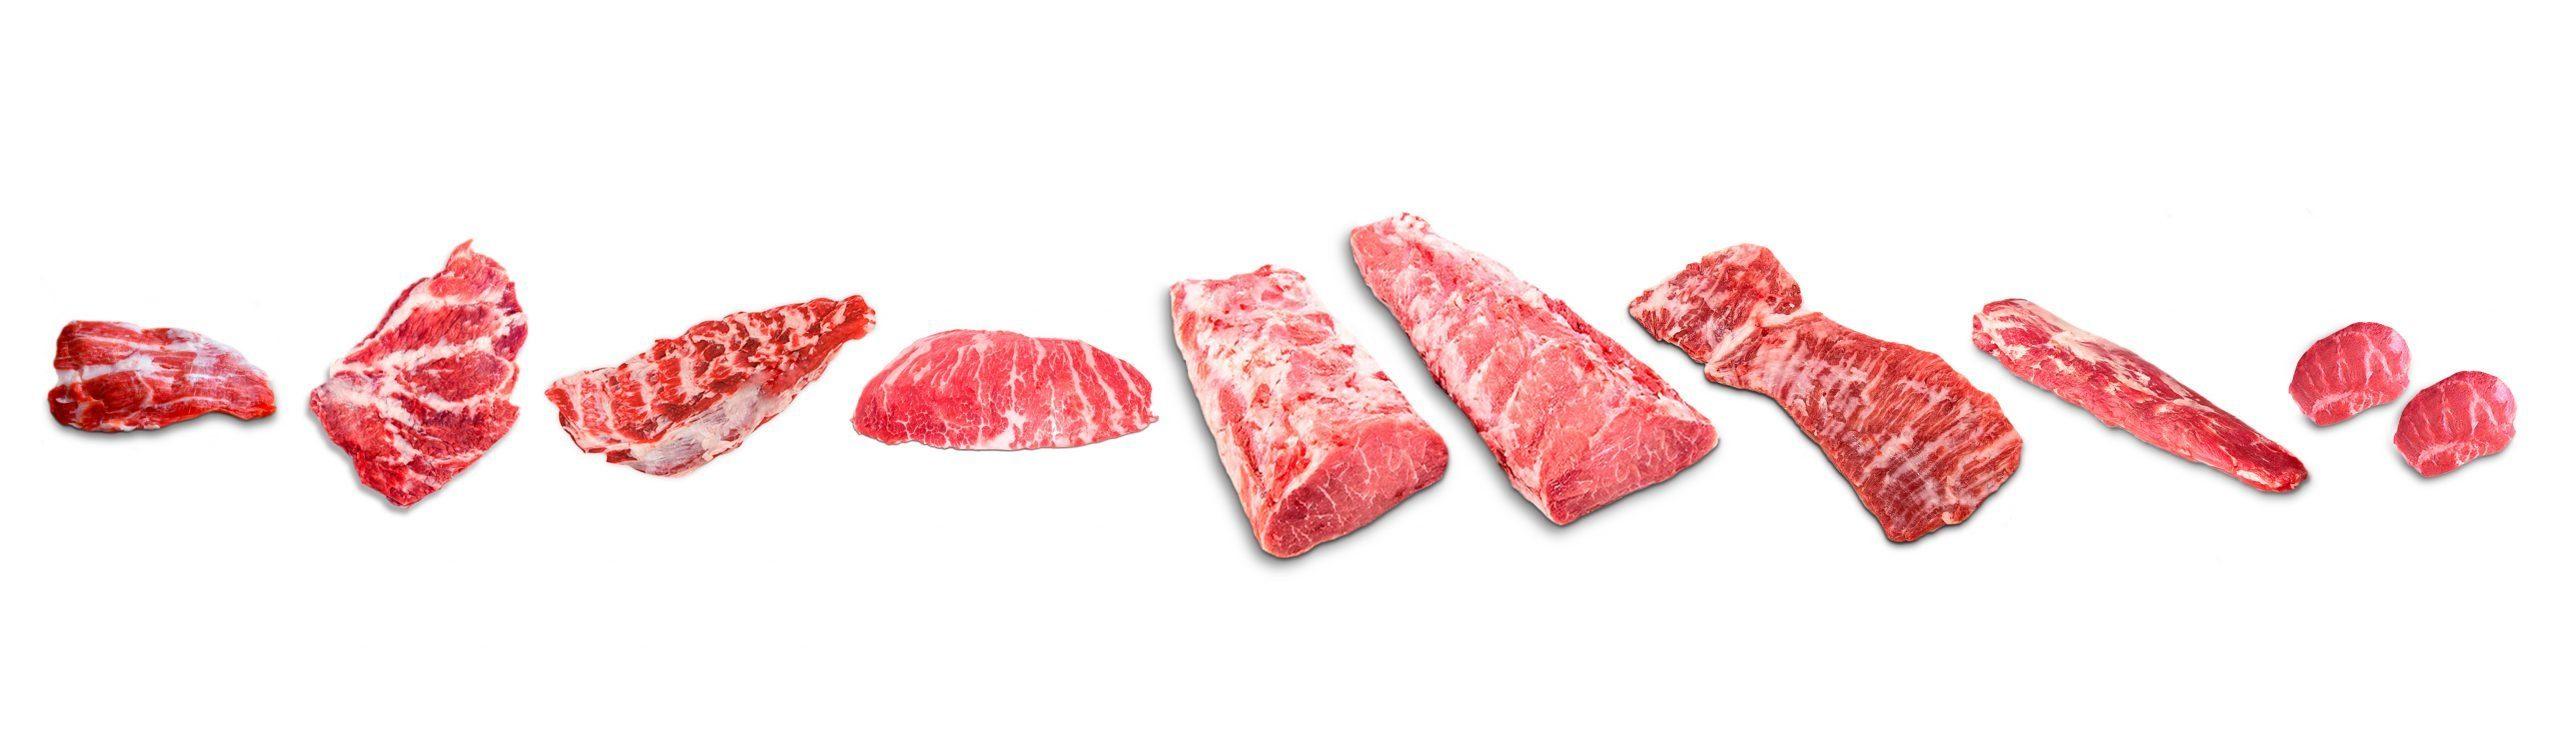 fresca carne